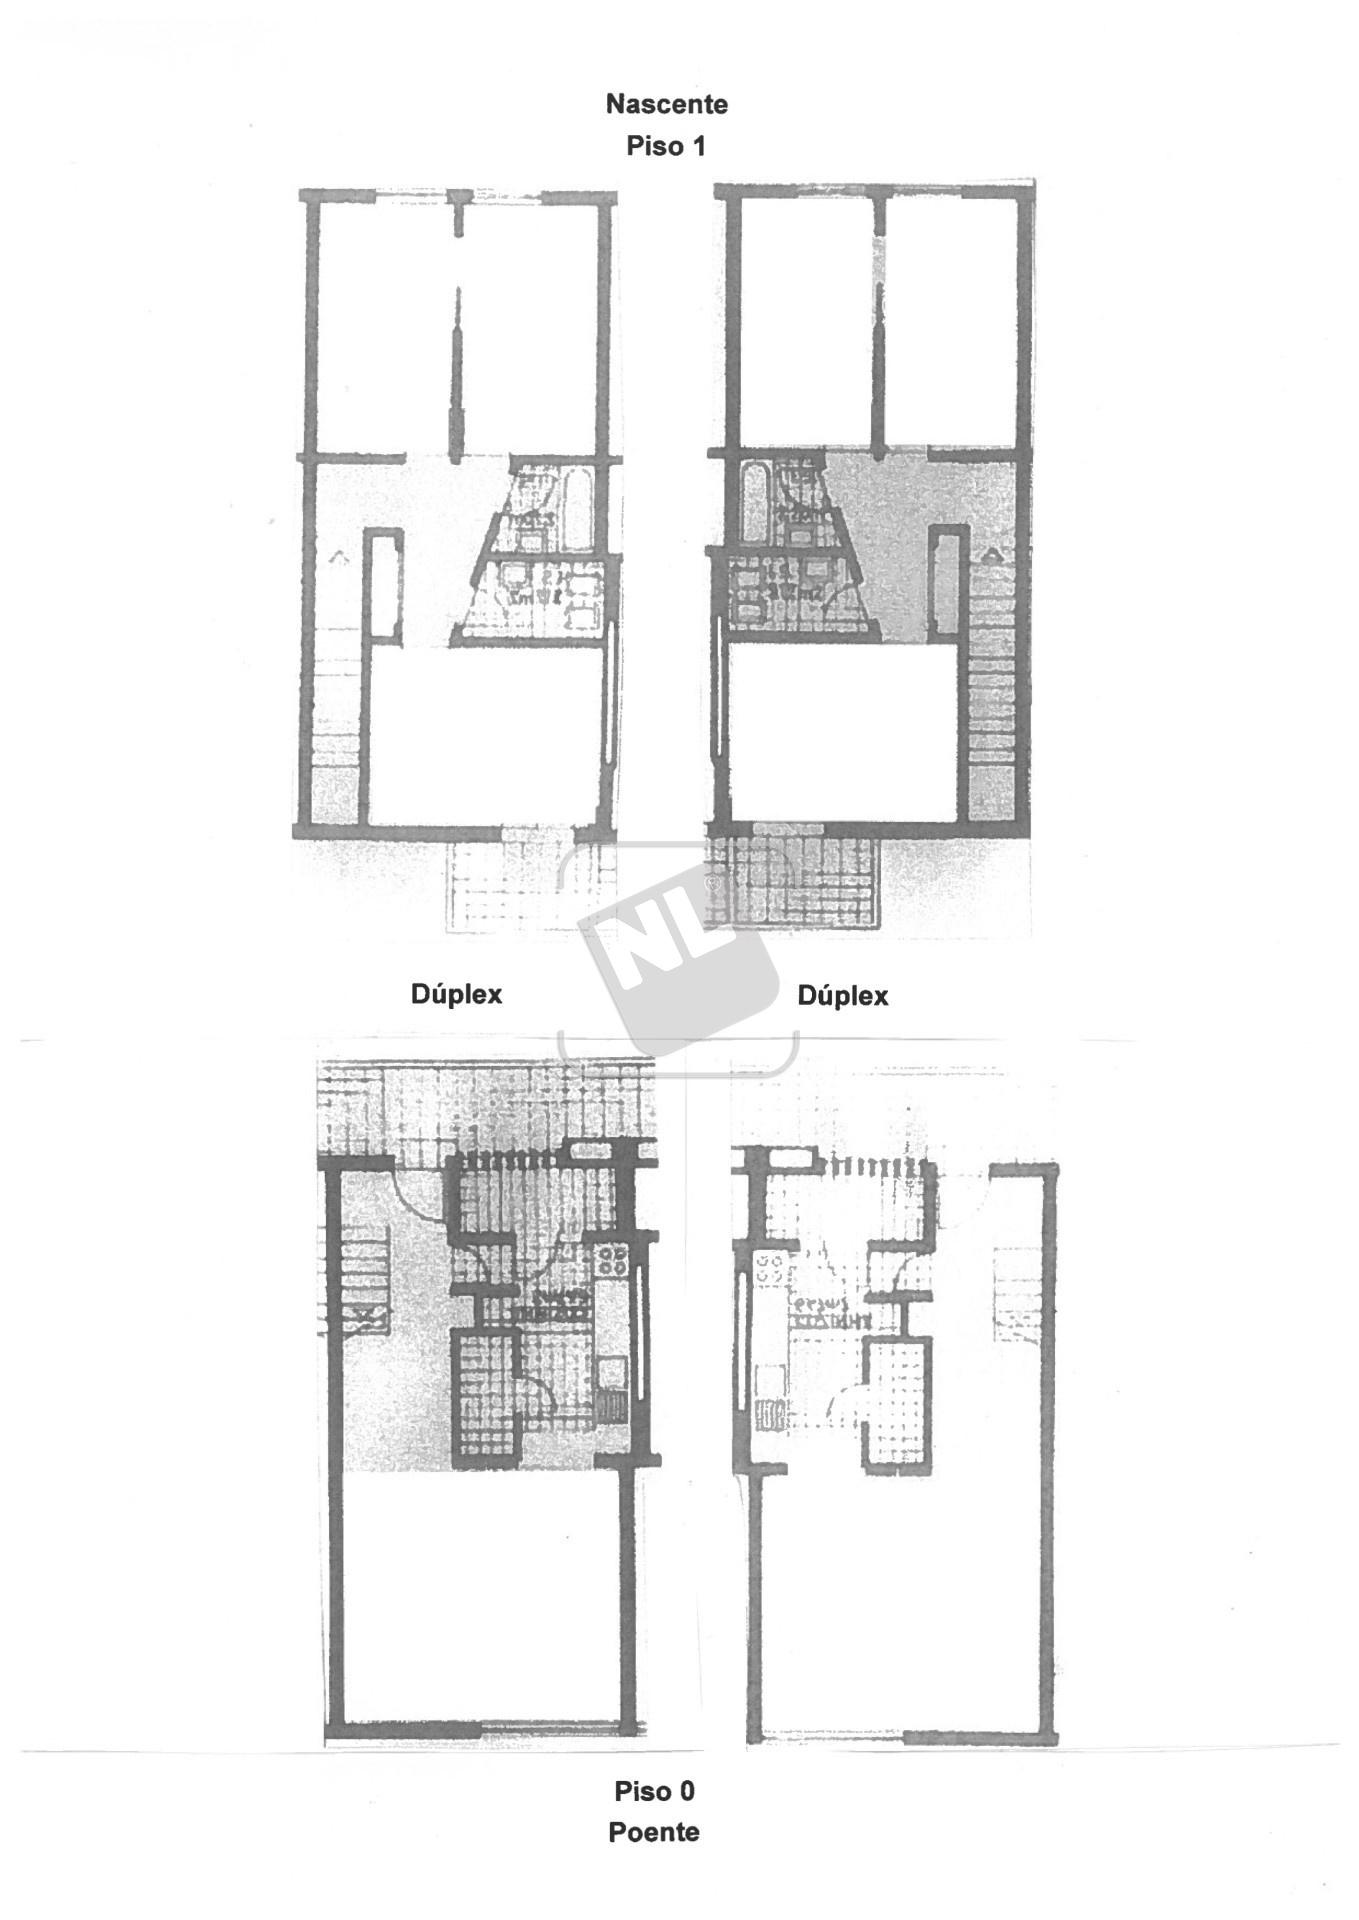 NL2469 Planta Duplex Originais